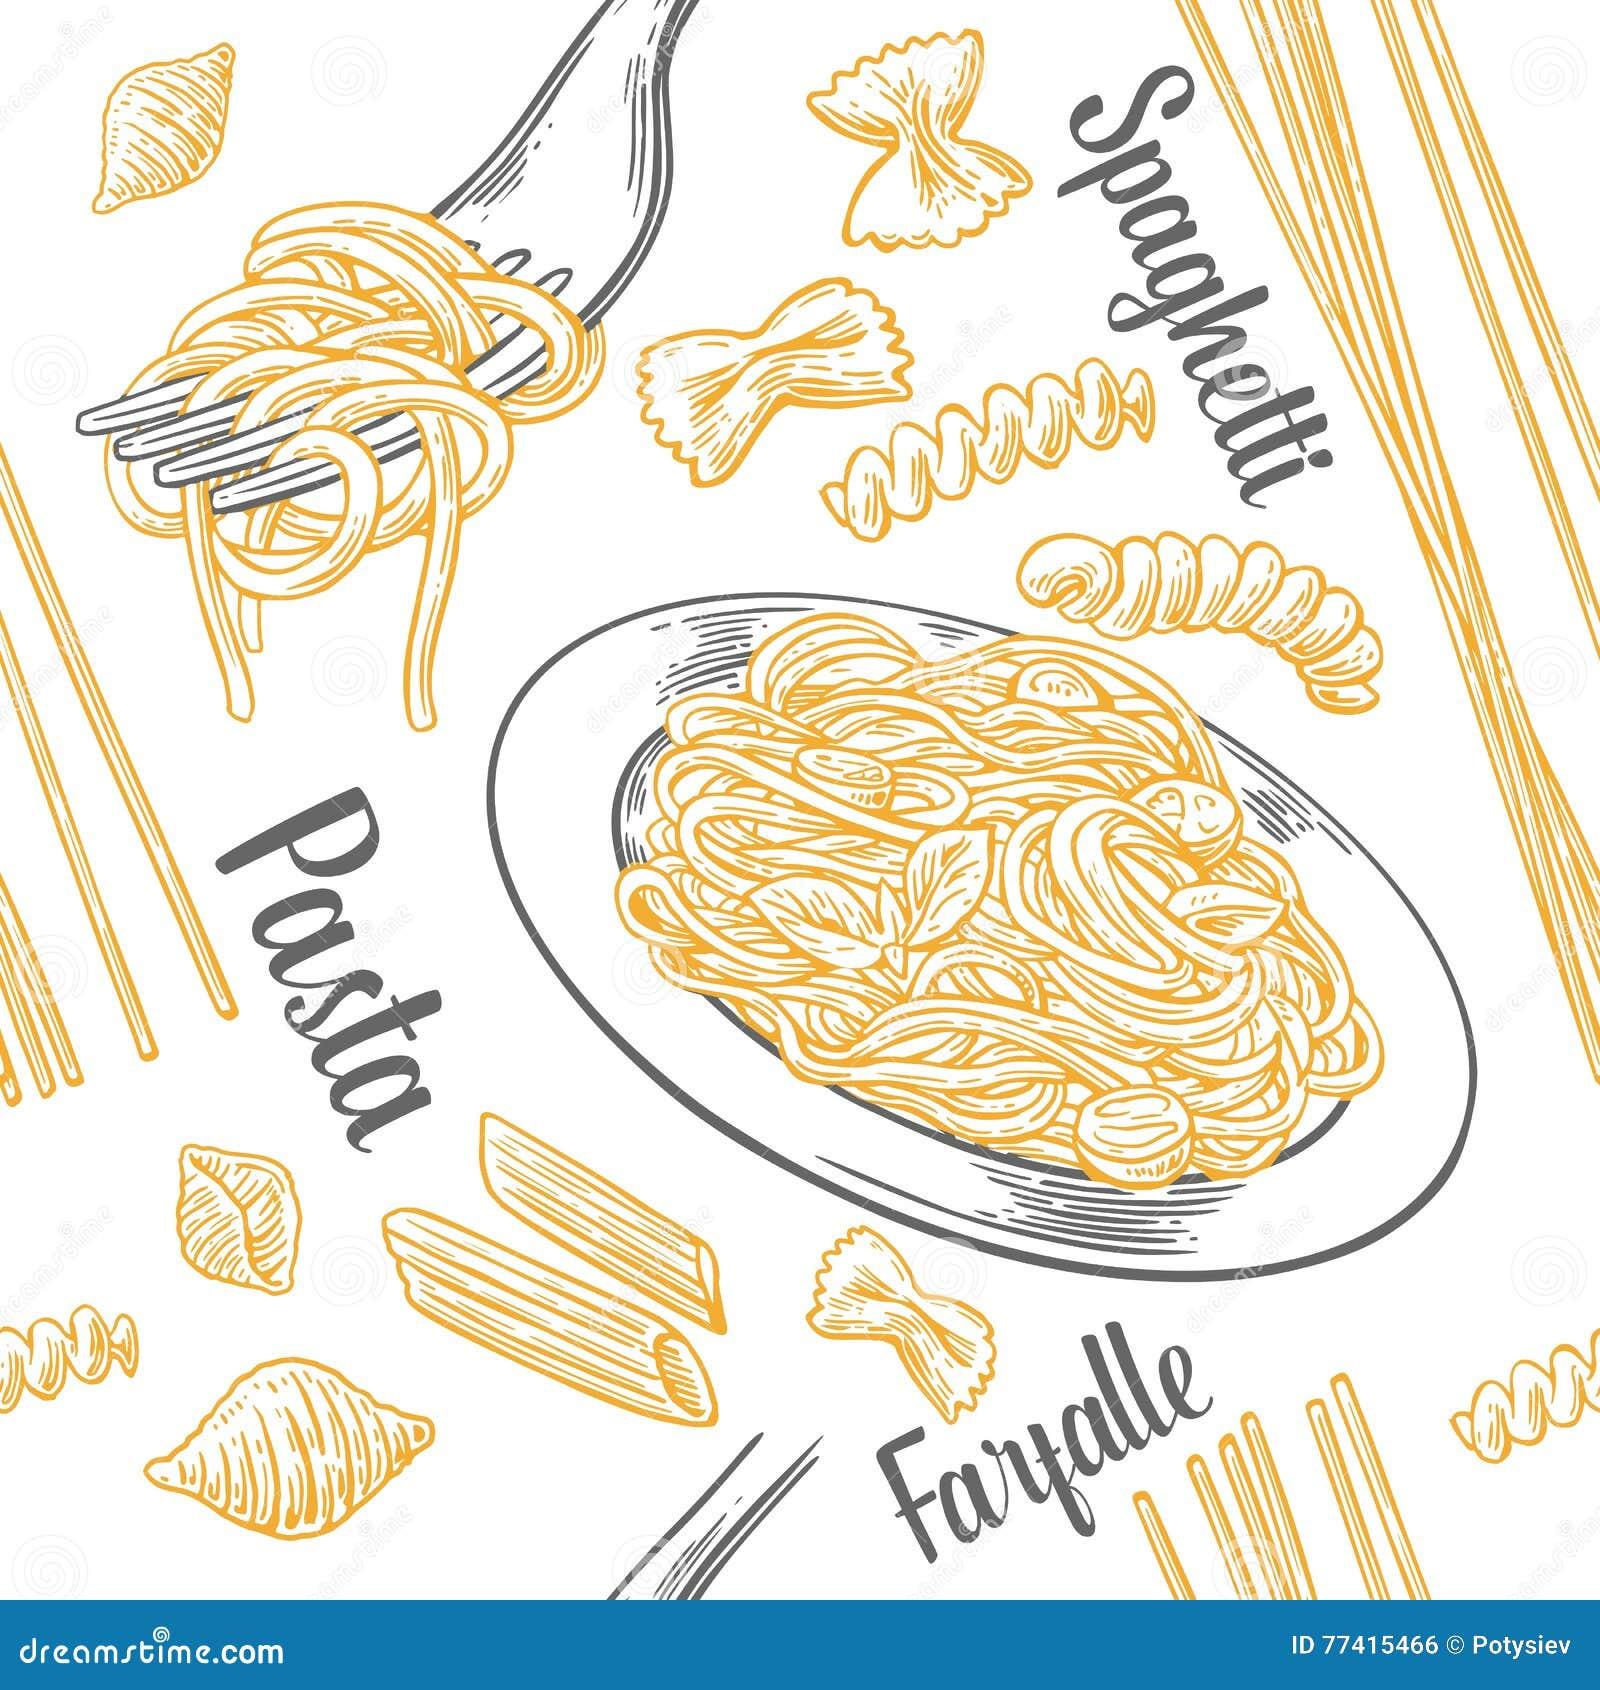 Άνευ ραφής καθορισμένα ζυμαρικά σχεδίων με τον τίτλο Farfalle, conchiglie, penne, fusilli και μακαρόνια στο δίκρανο